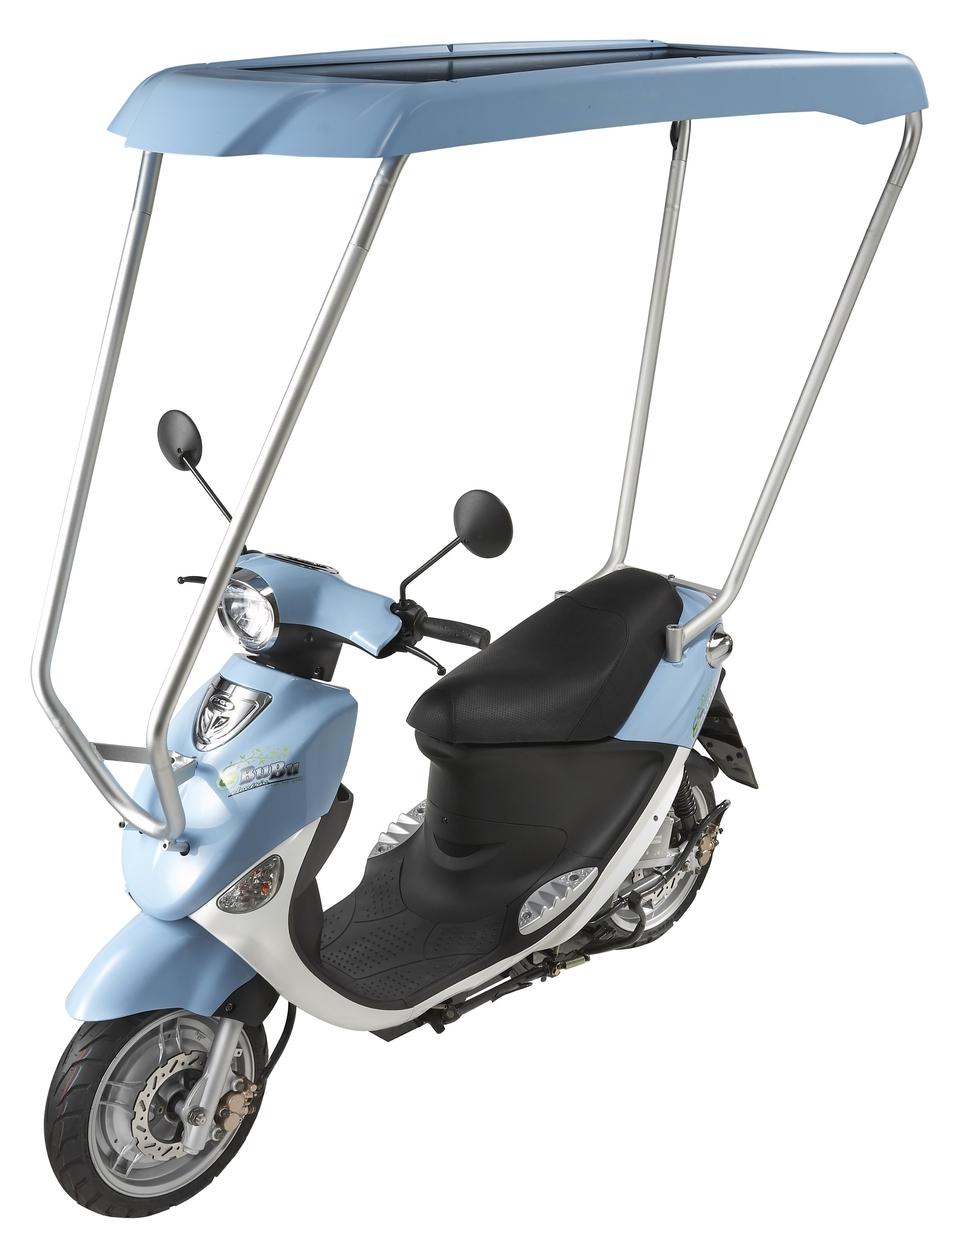 Nouveauté 2009 : Scooter électrique PGO Idep